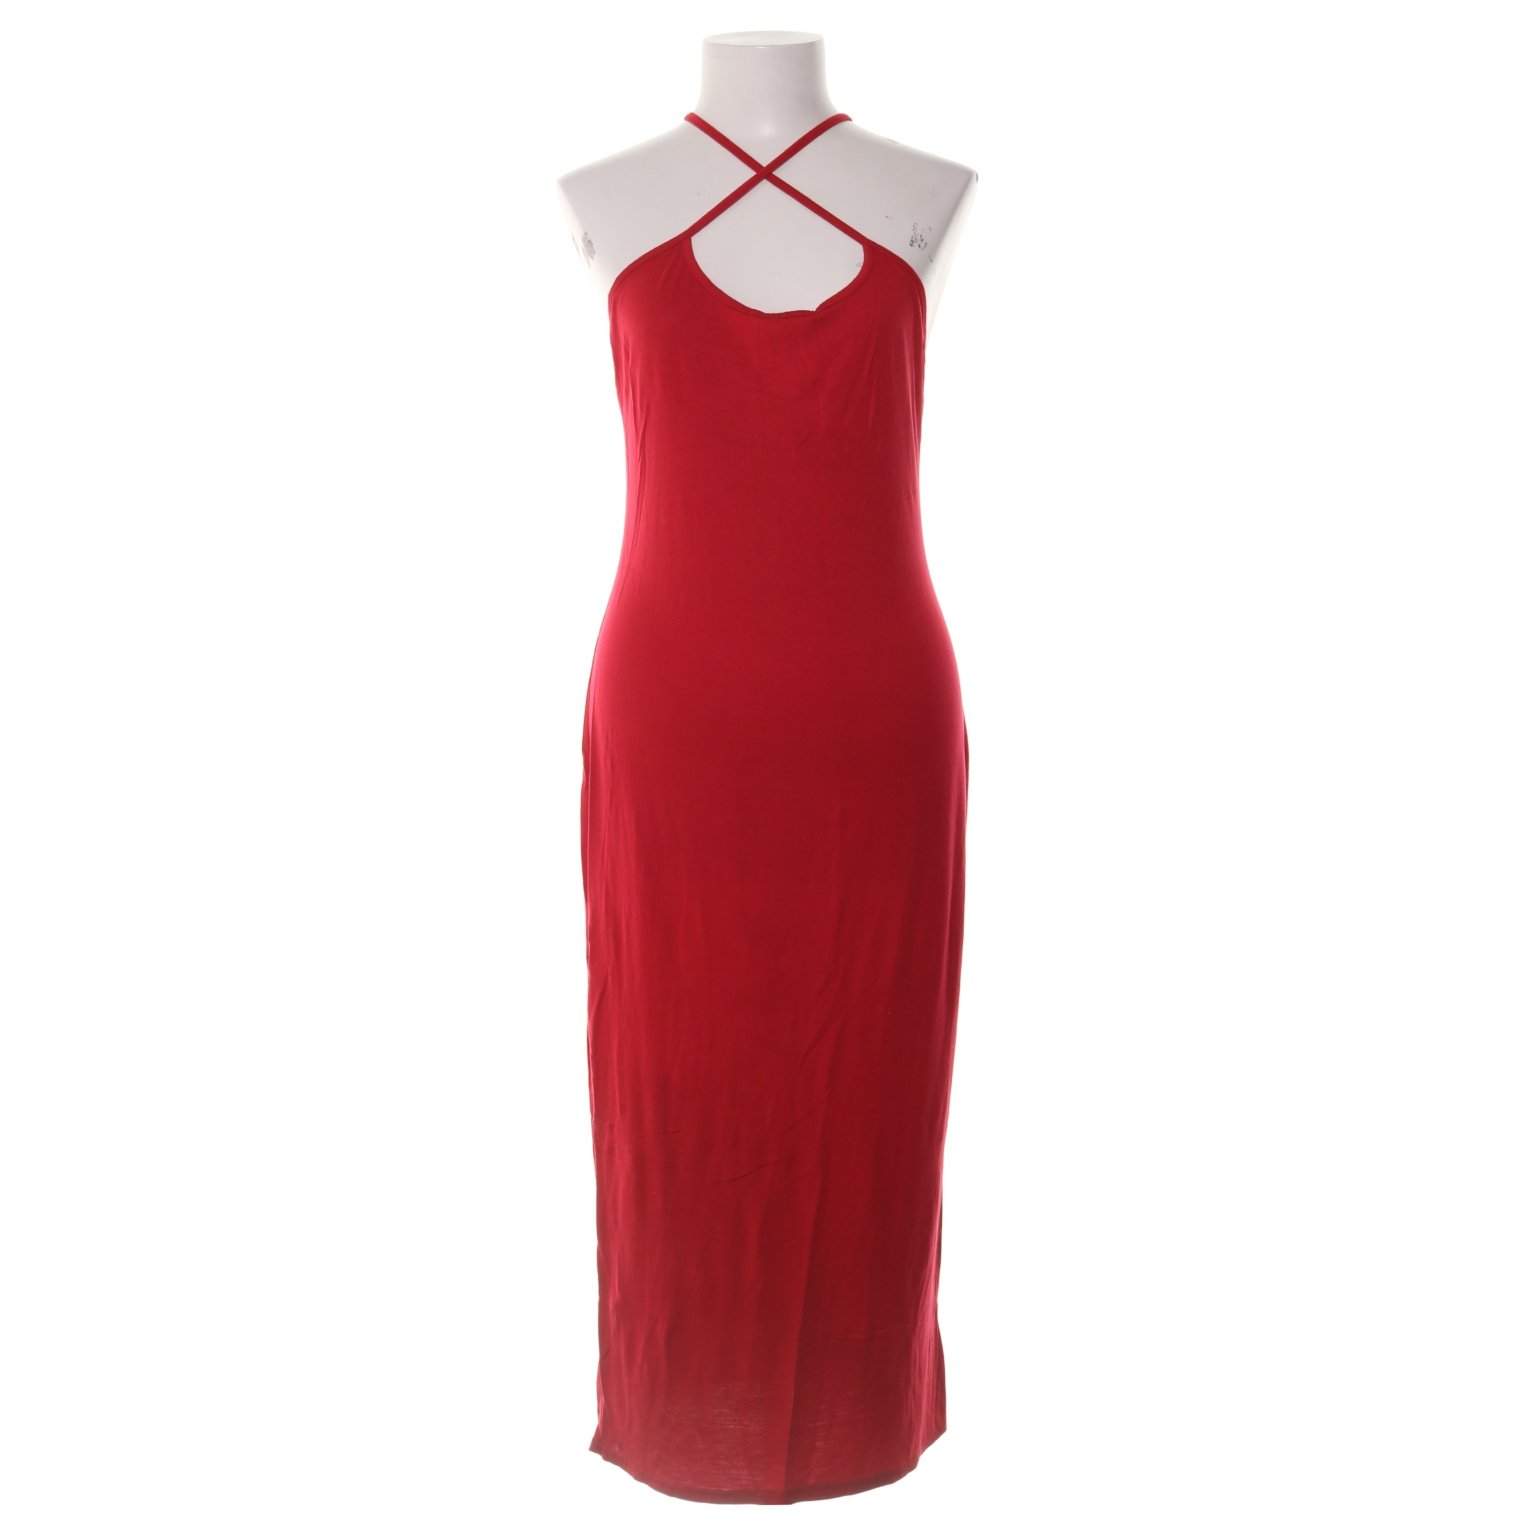 7fdb21bd0acd Nelly Trend, Långklänning, Strl: M, Röd, .. (349077013) ᐈ Sellpy på ...